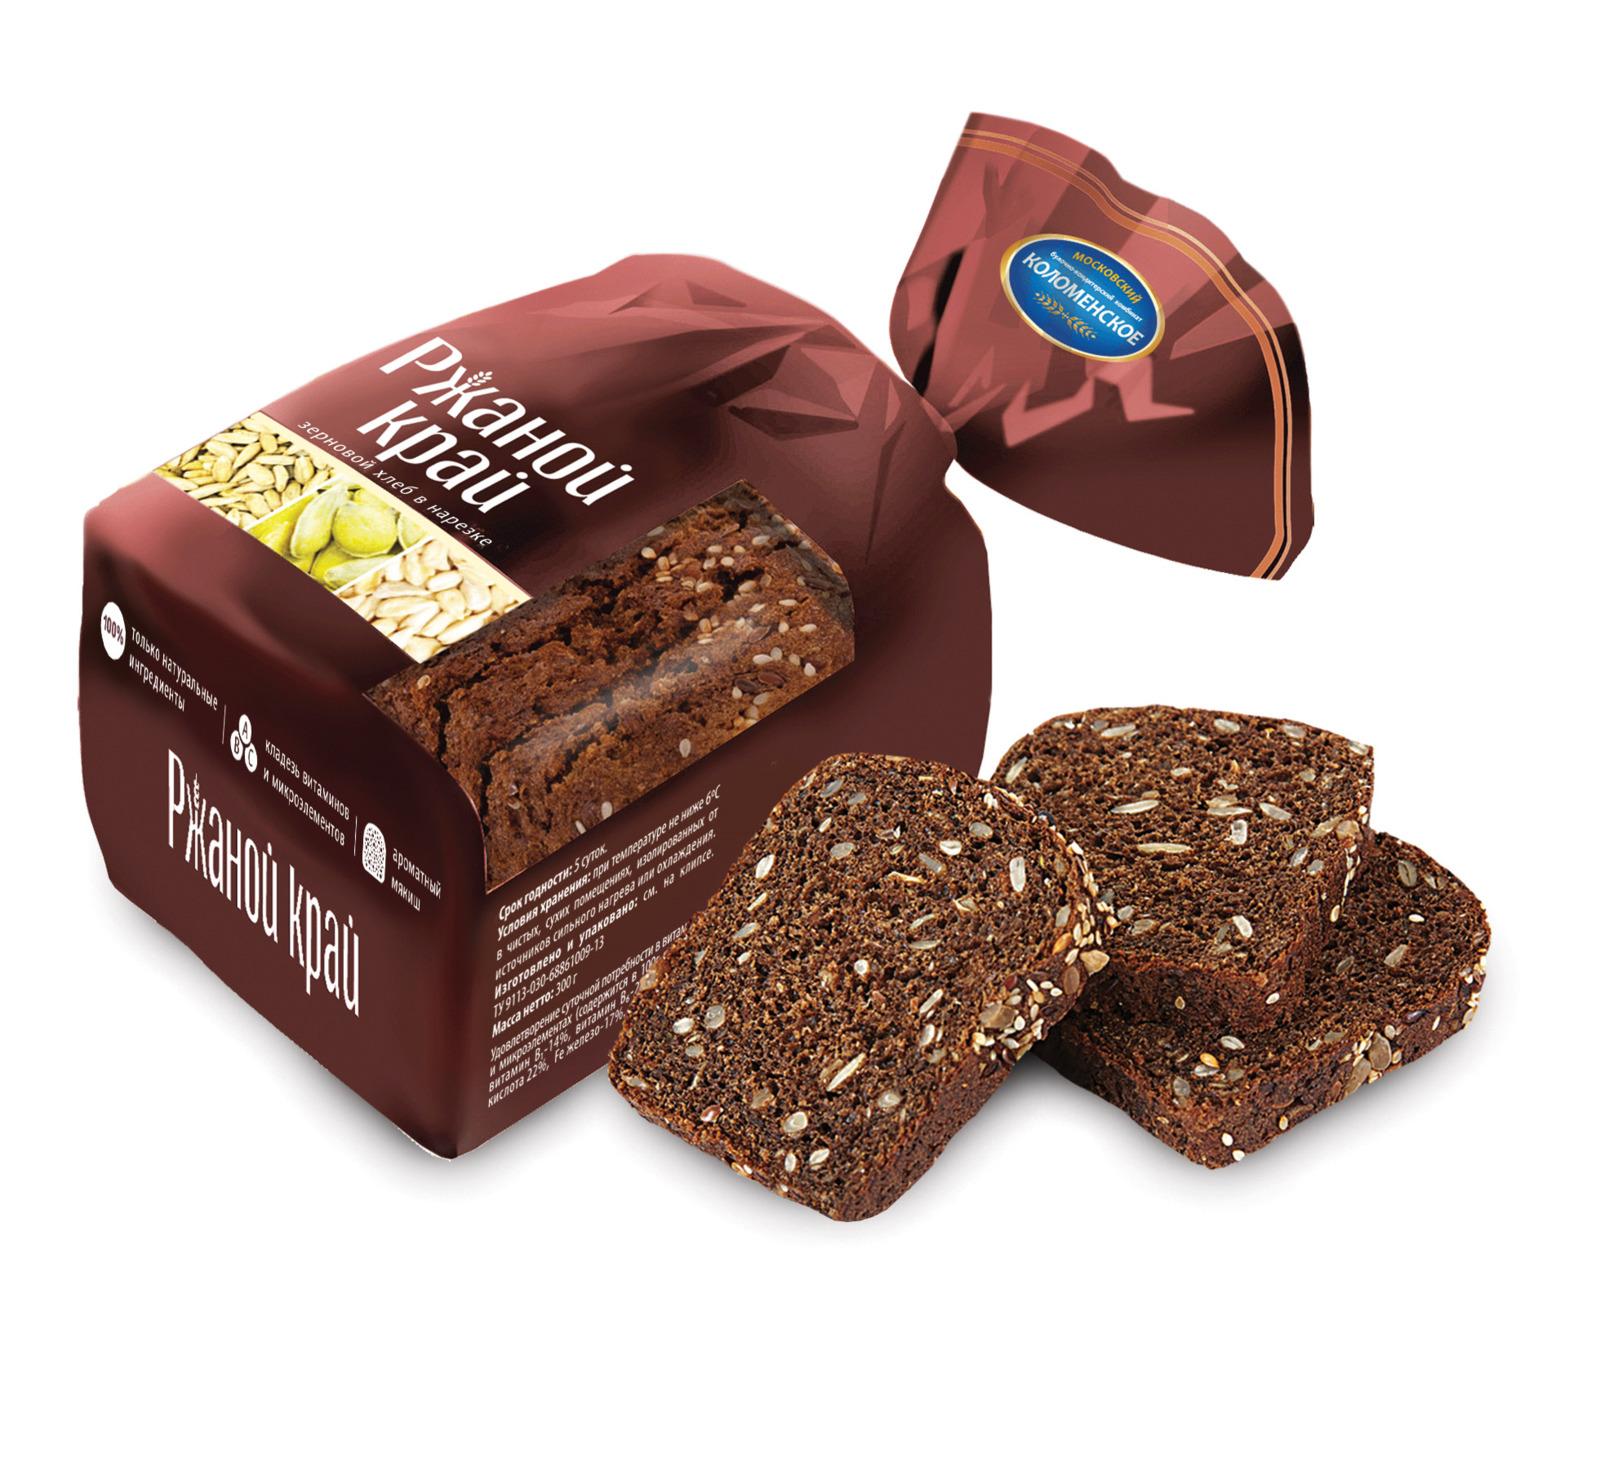 Хлеб Коломенское Ржаной край зерновой, 300 г булка коломенское булочки сдобные с кардамоном 200 г